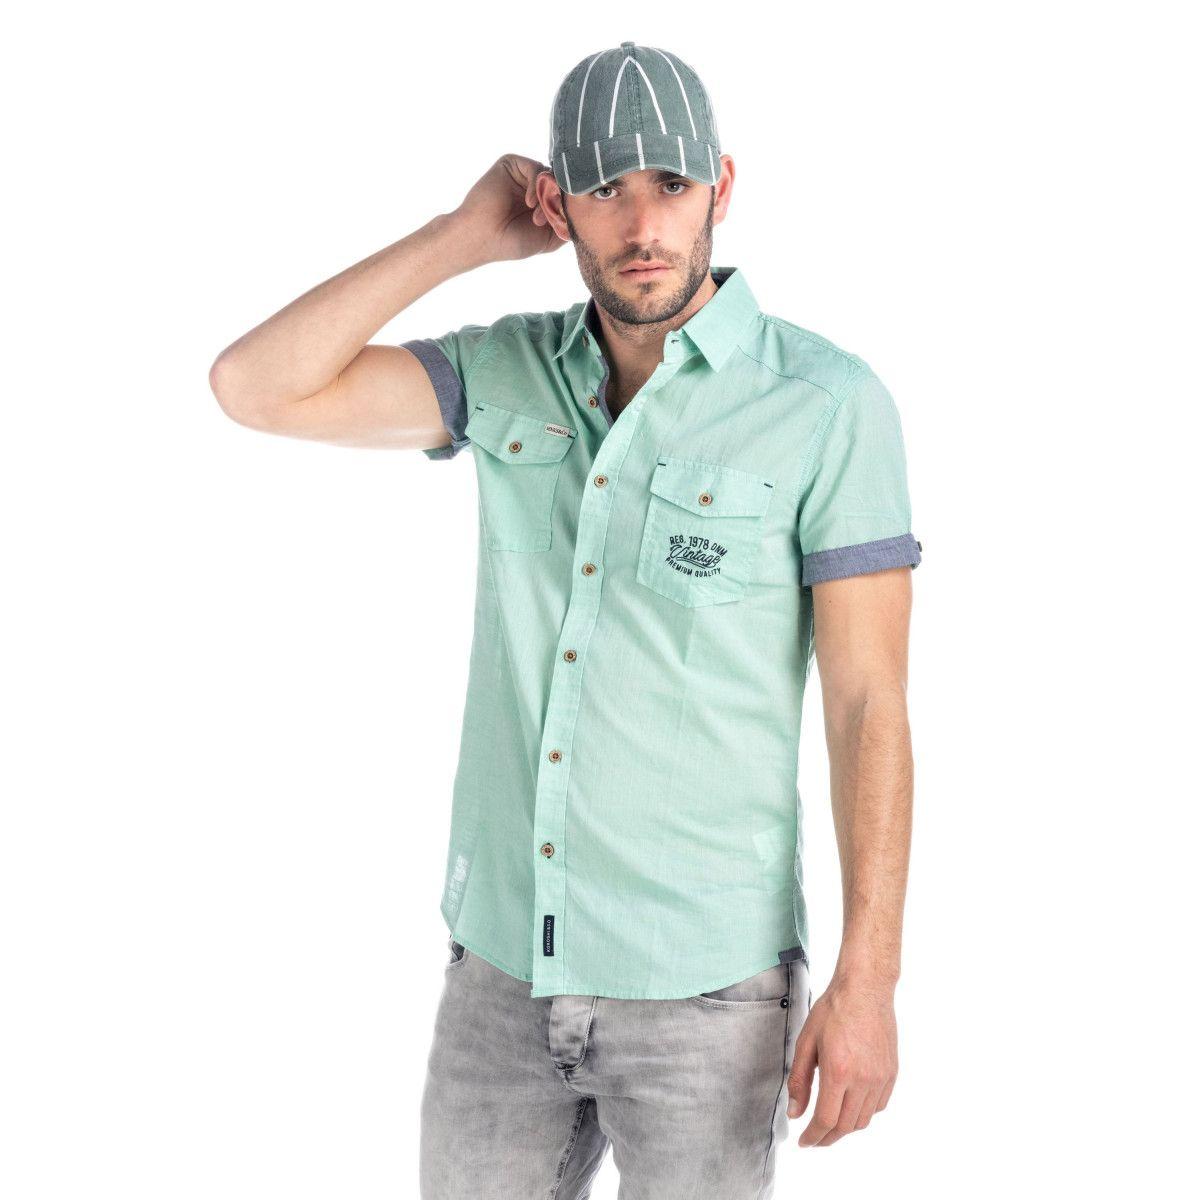 2d4940aa12 Camisa de lino manga corta con dos bolsillos delanteros y detalles de  tejido a contraste.